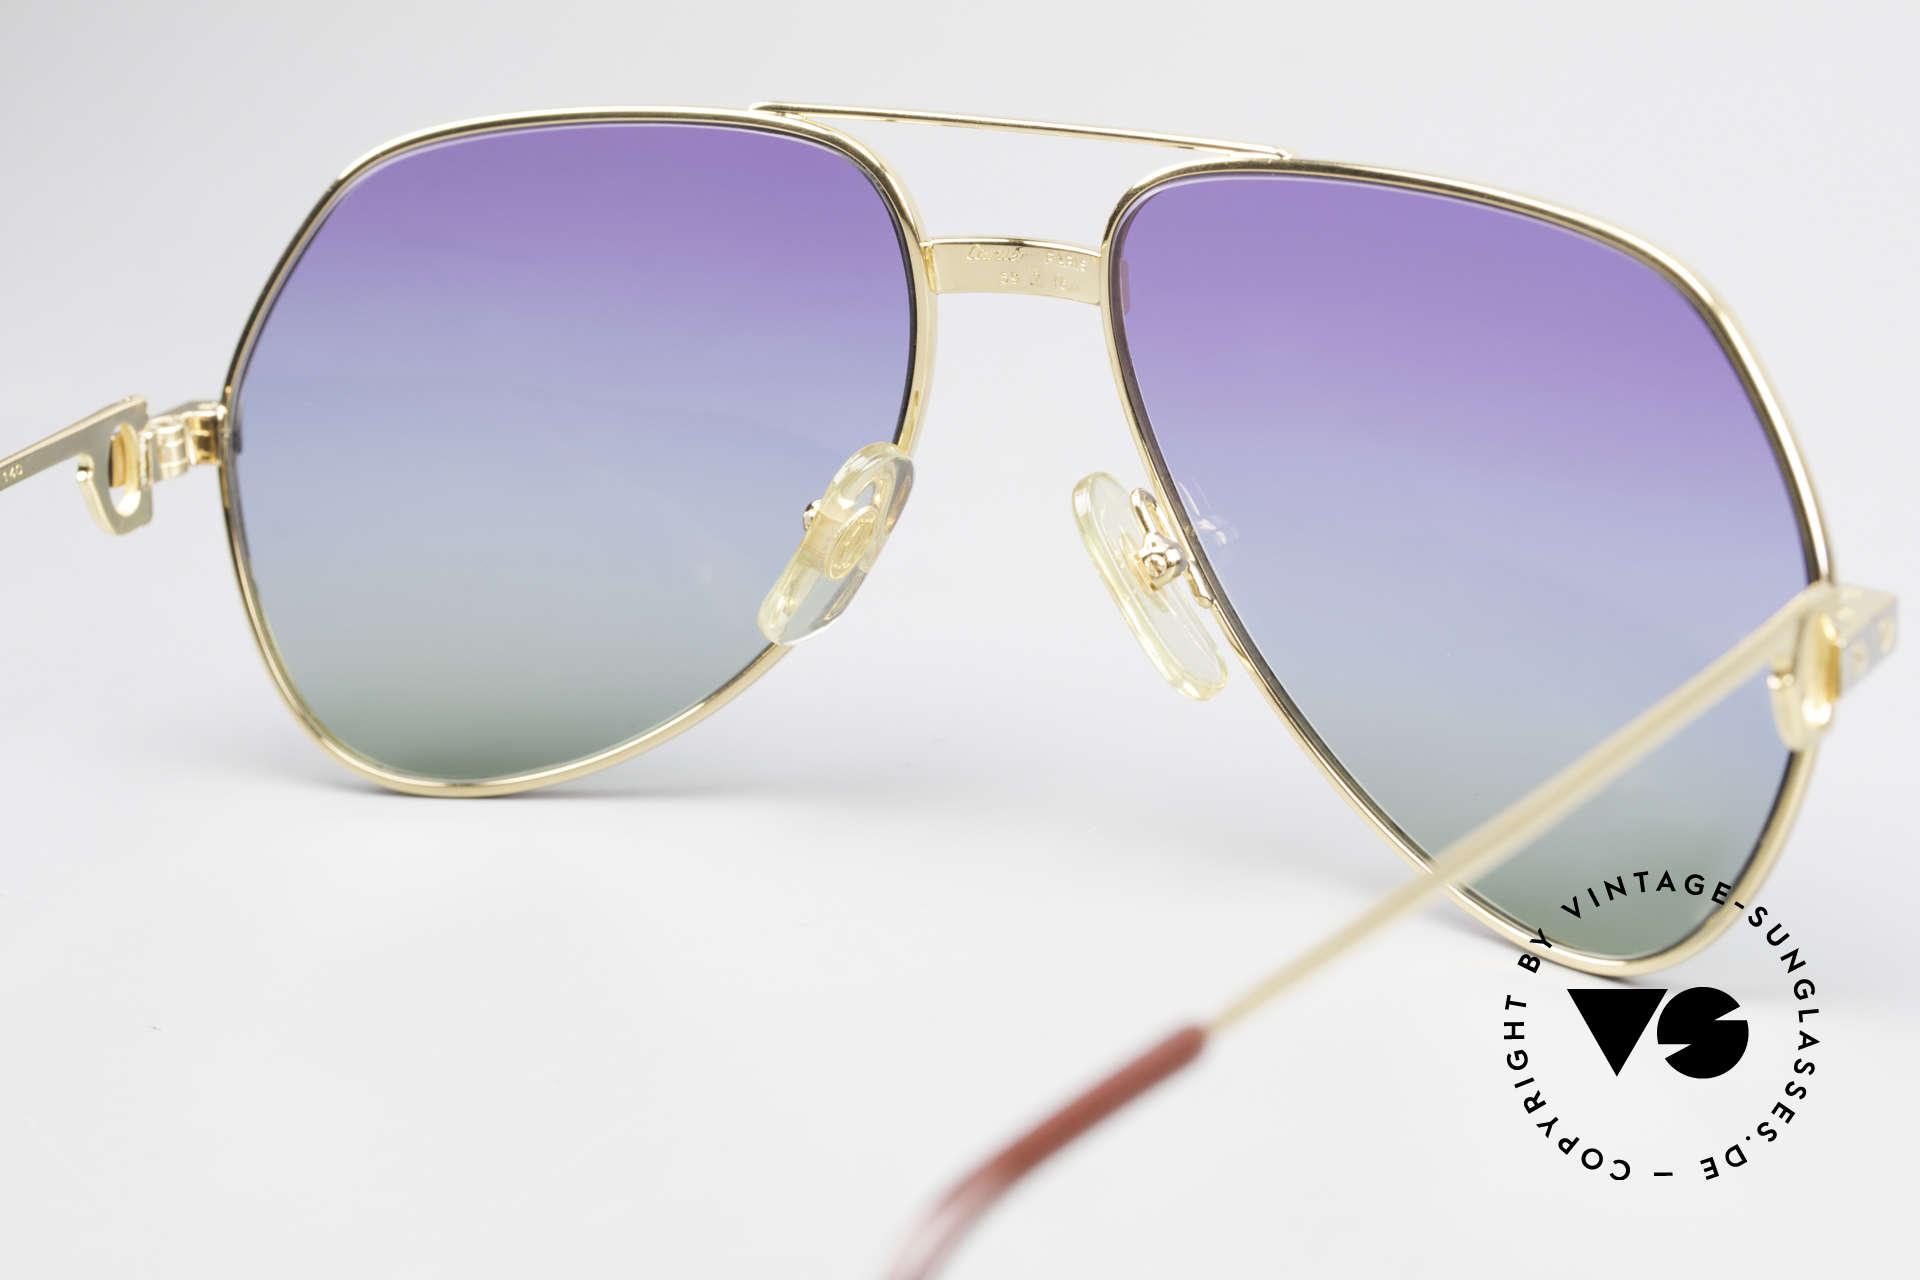 Cartier Vendome Santos - M James Bond Sonnenbrille 80er, 80er-Gläser mit dreifach Verlauf (typisch für die 80er), Passend für Herren und Damen